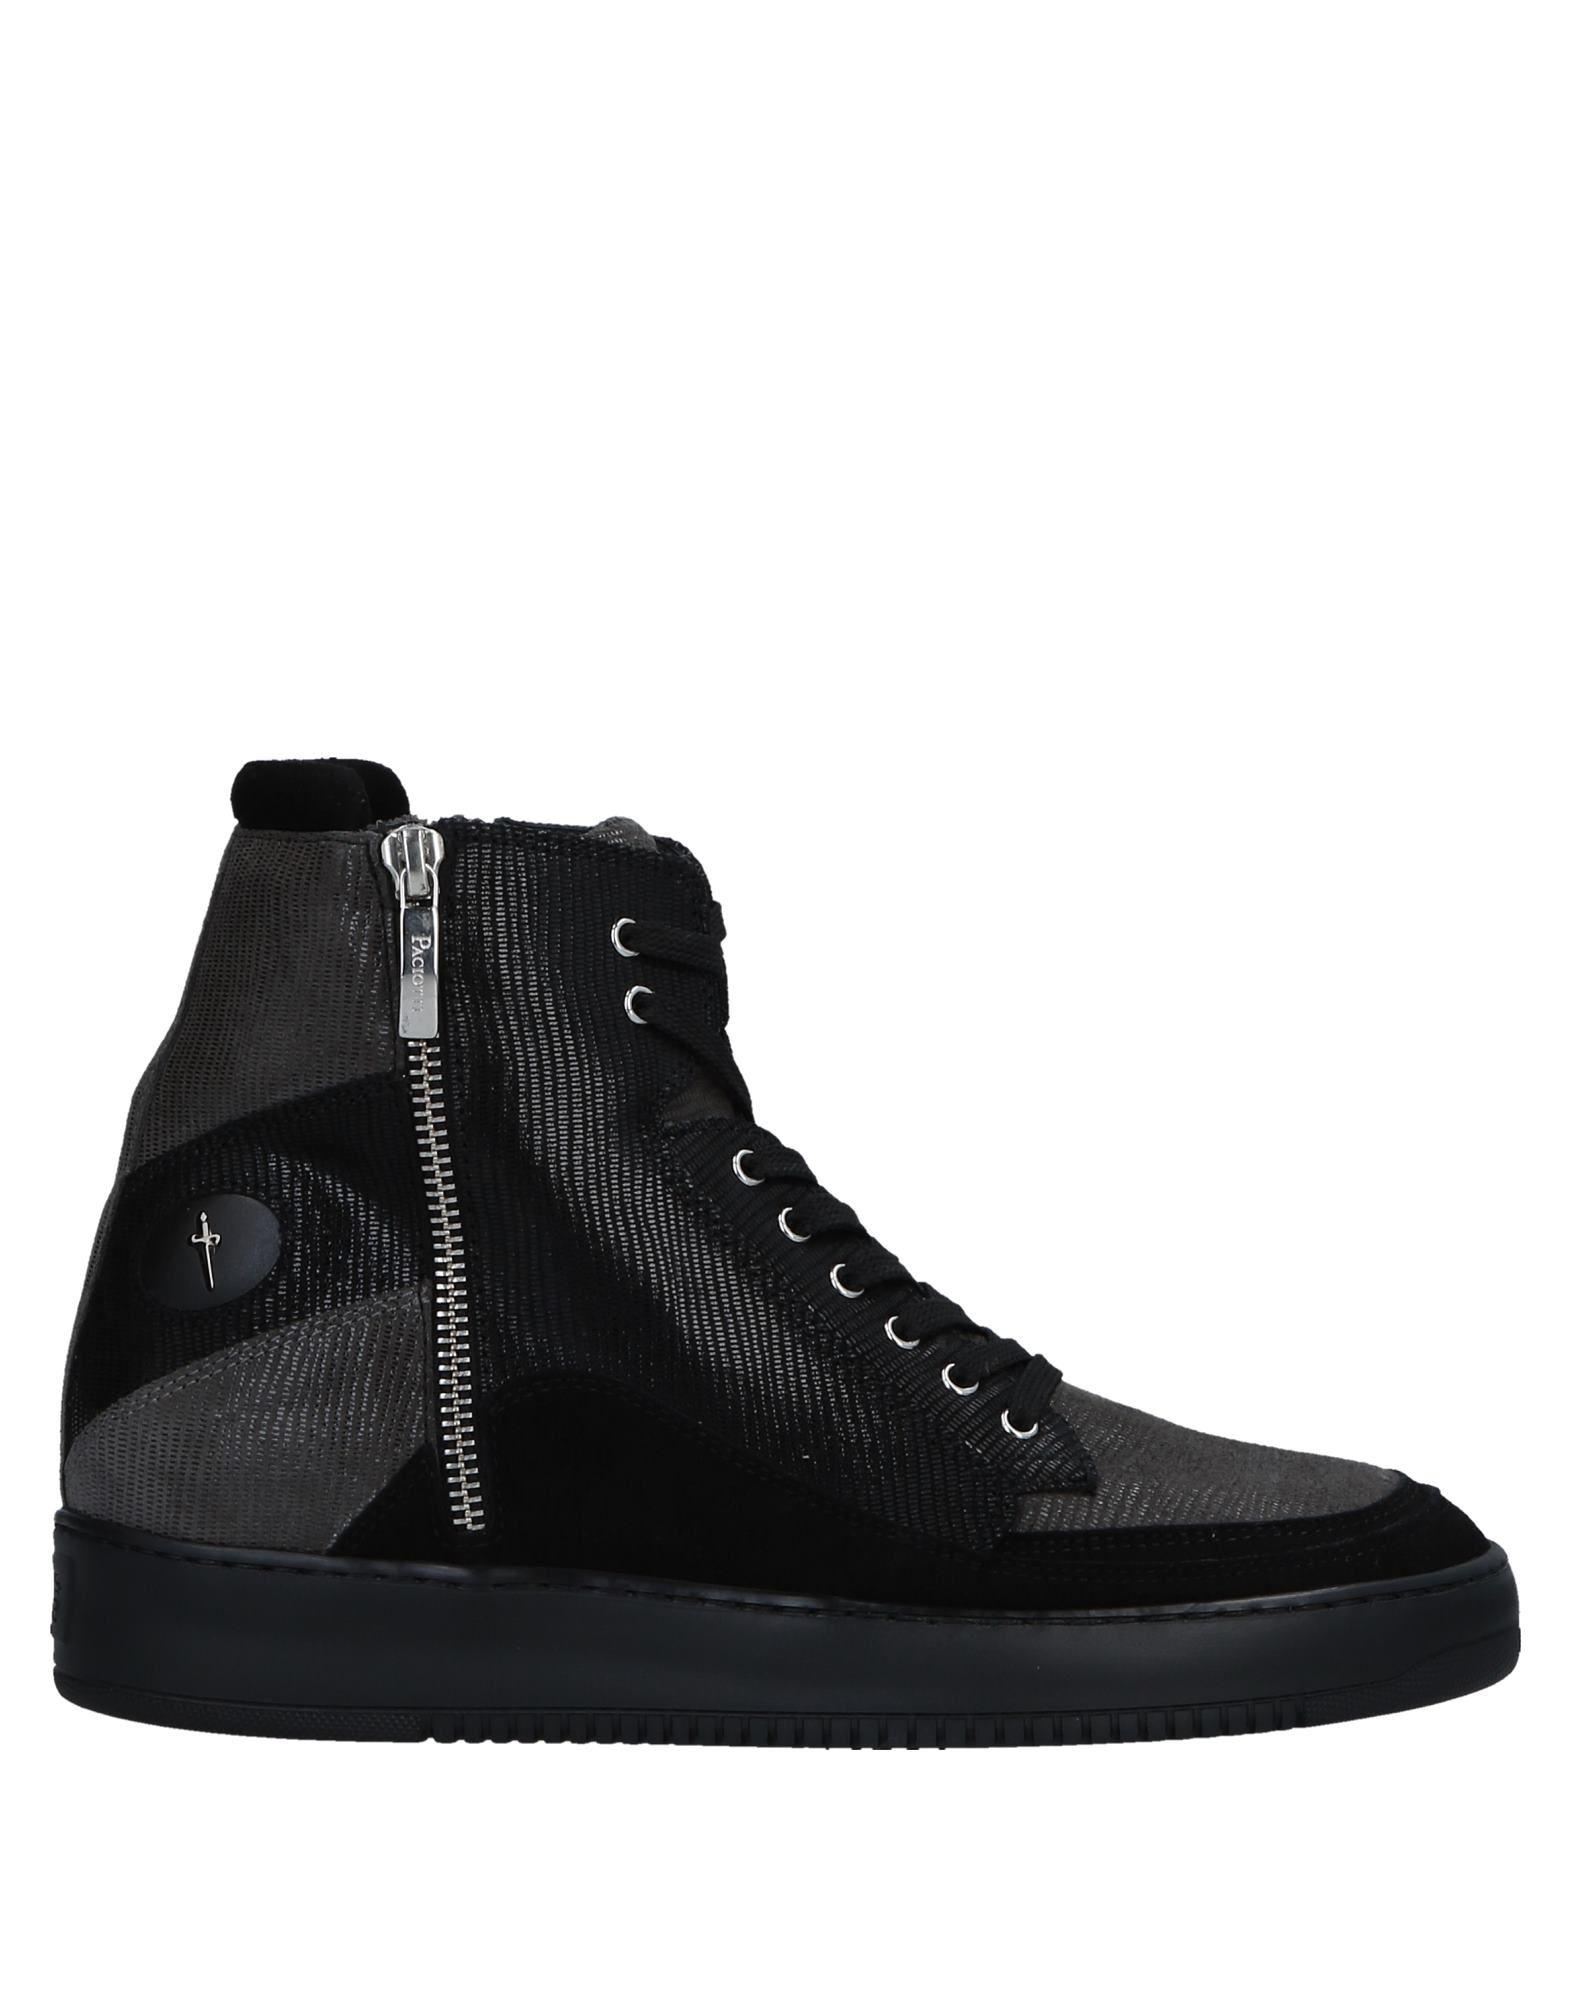 Stilvolle 4Us billige Schuhe Cesare Paciotti 4Us Stilvolle Sneakers Damen  11223046AR c60a18